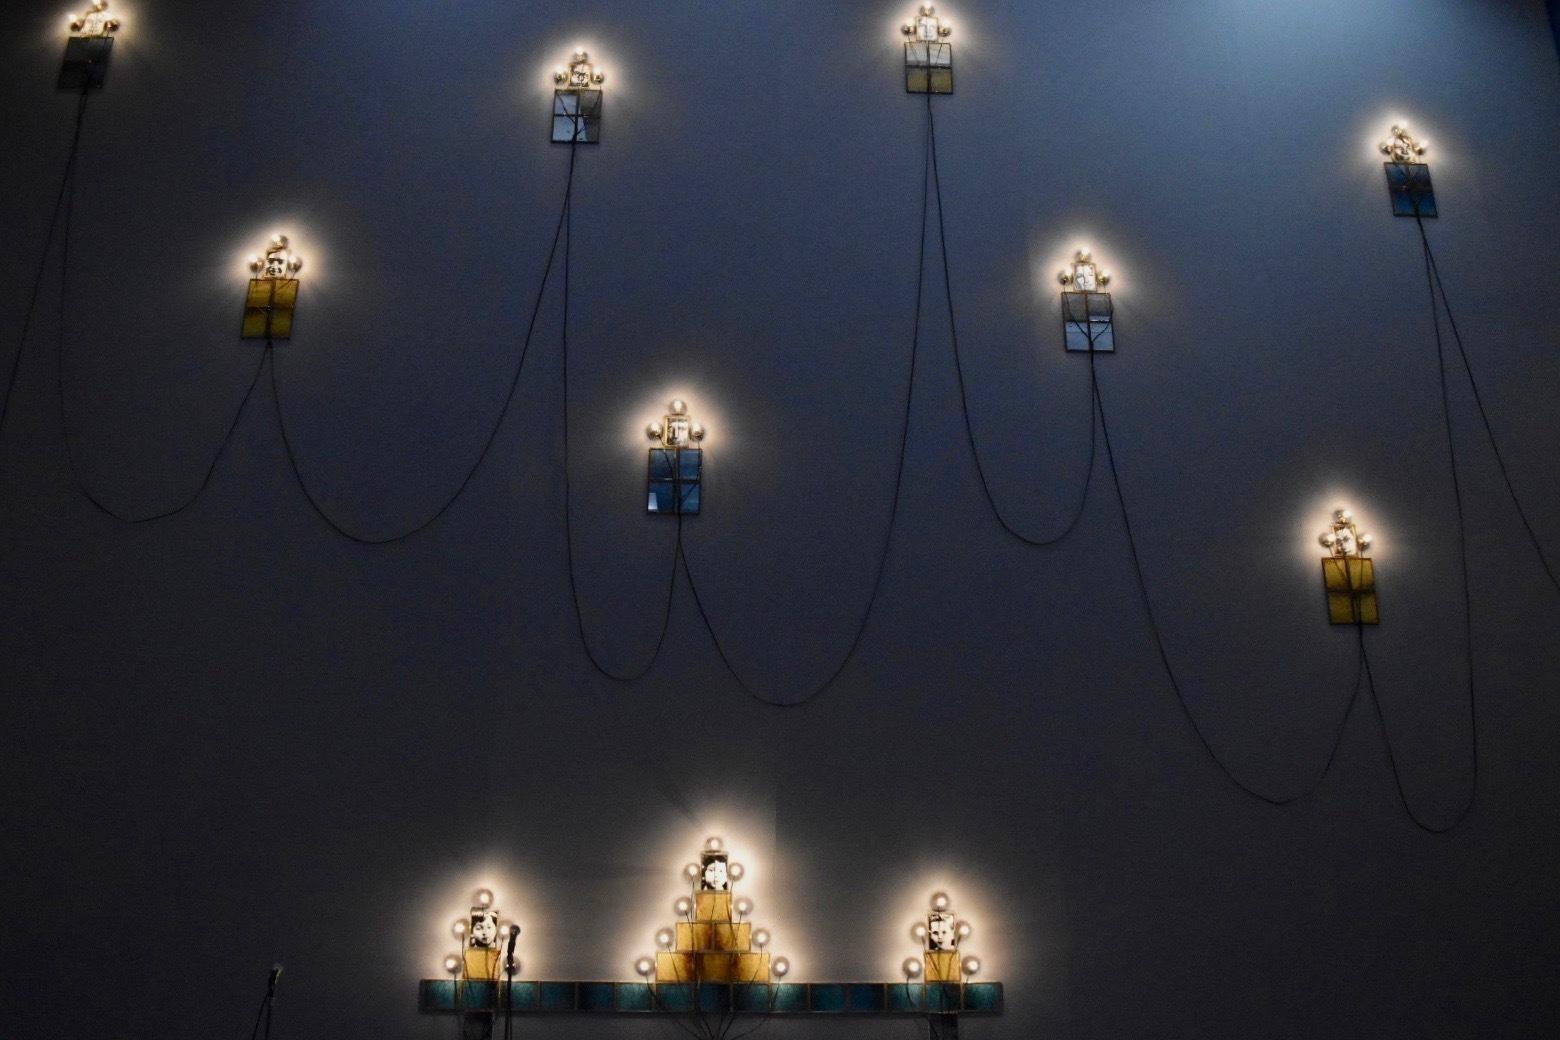 「クリスチャン・ボルタンスキー −Lifetime」展 2019年 国立新美術館展示風景